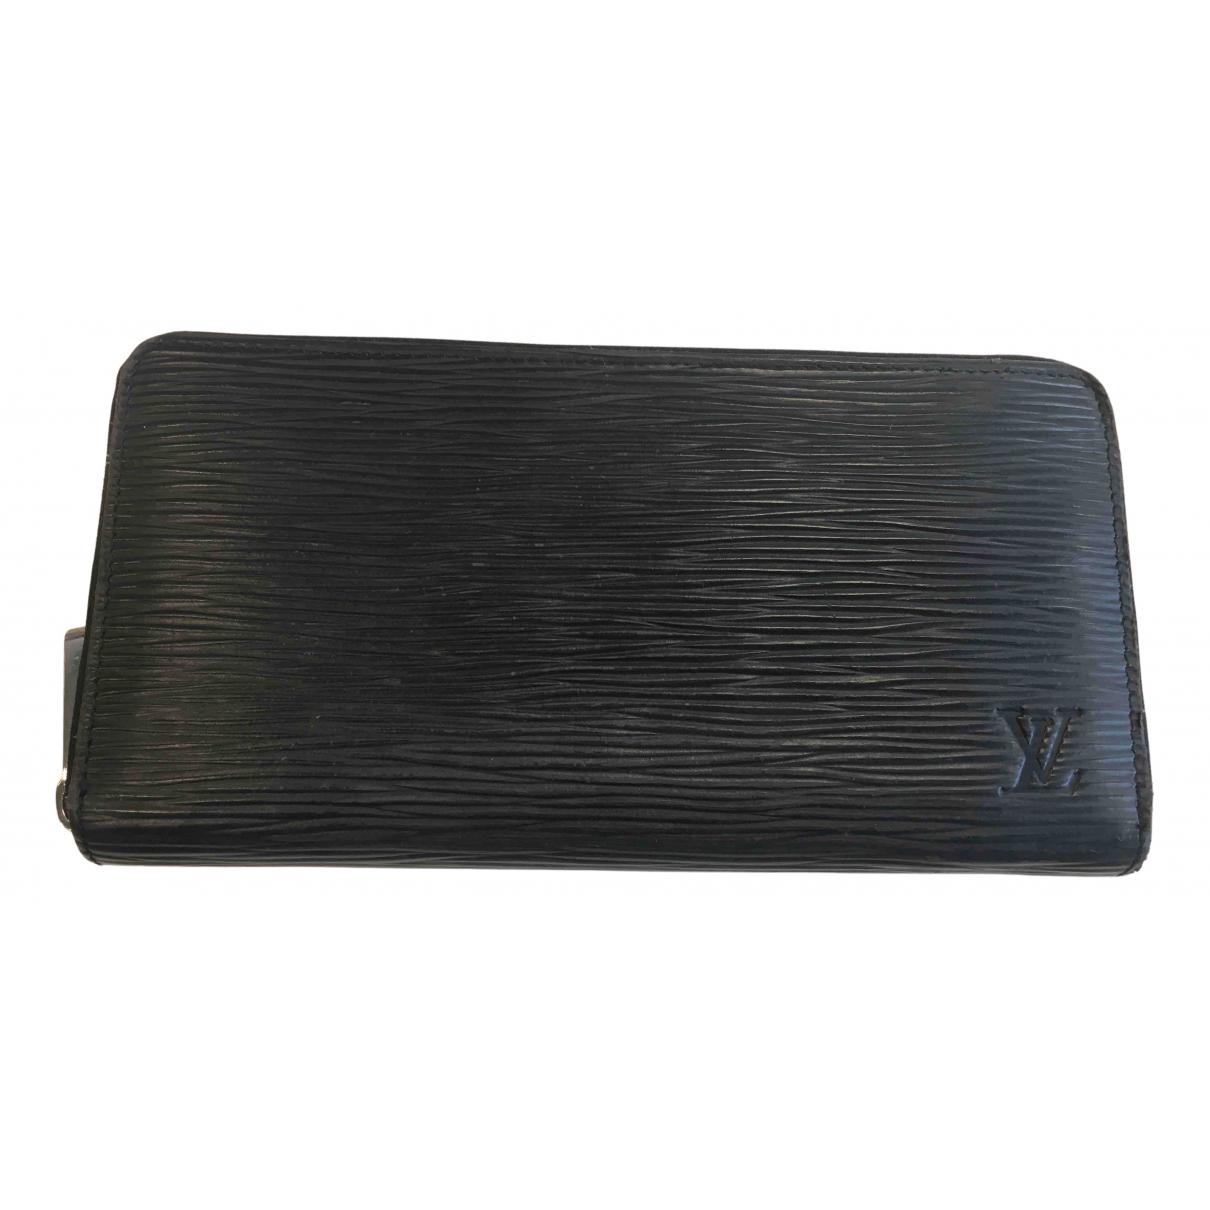 Louis Vuitton - Portefeuille Clemence pour femme en cuir - noir